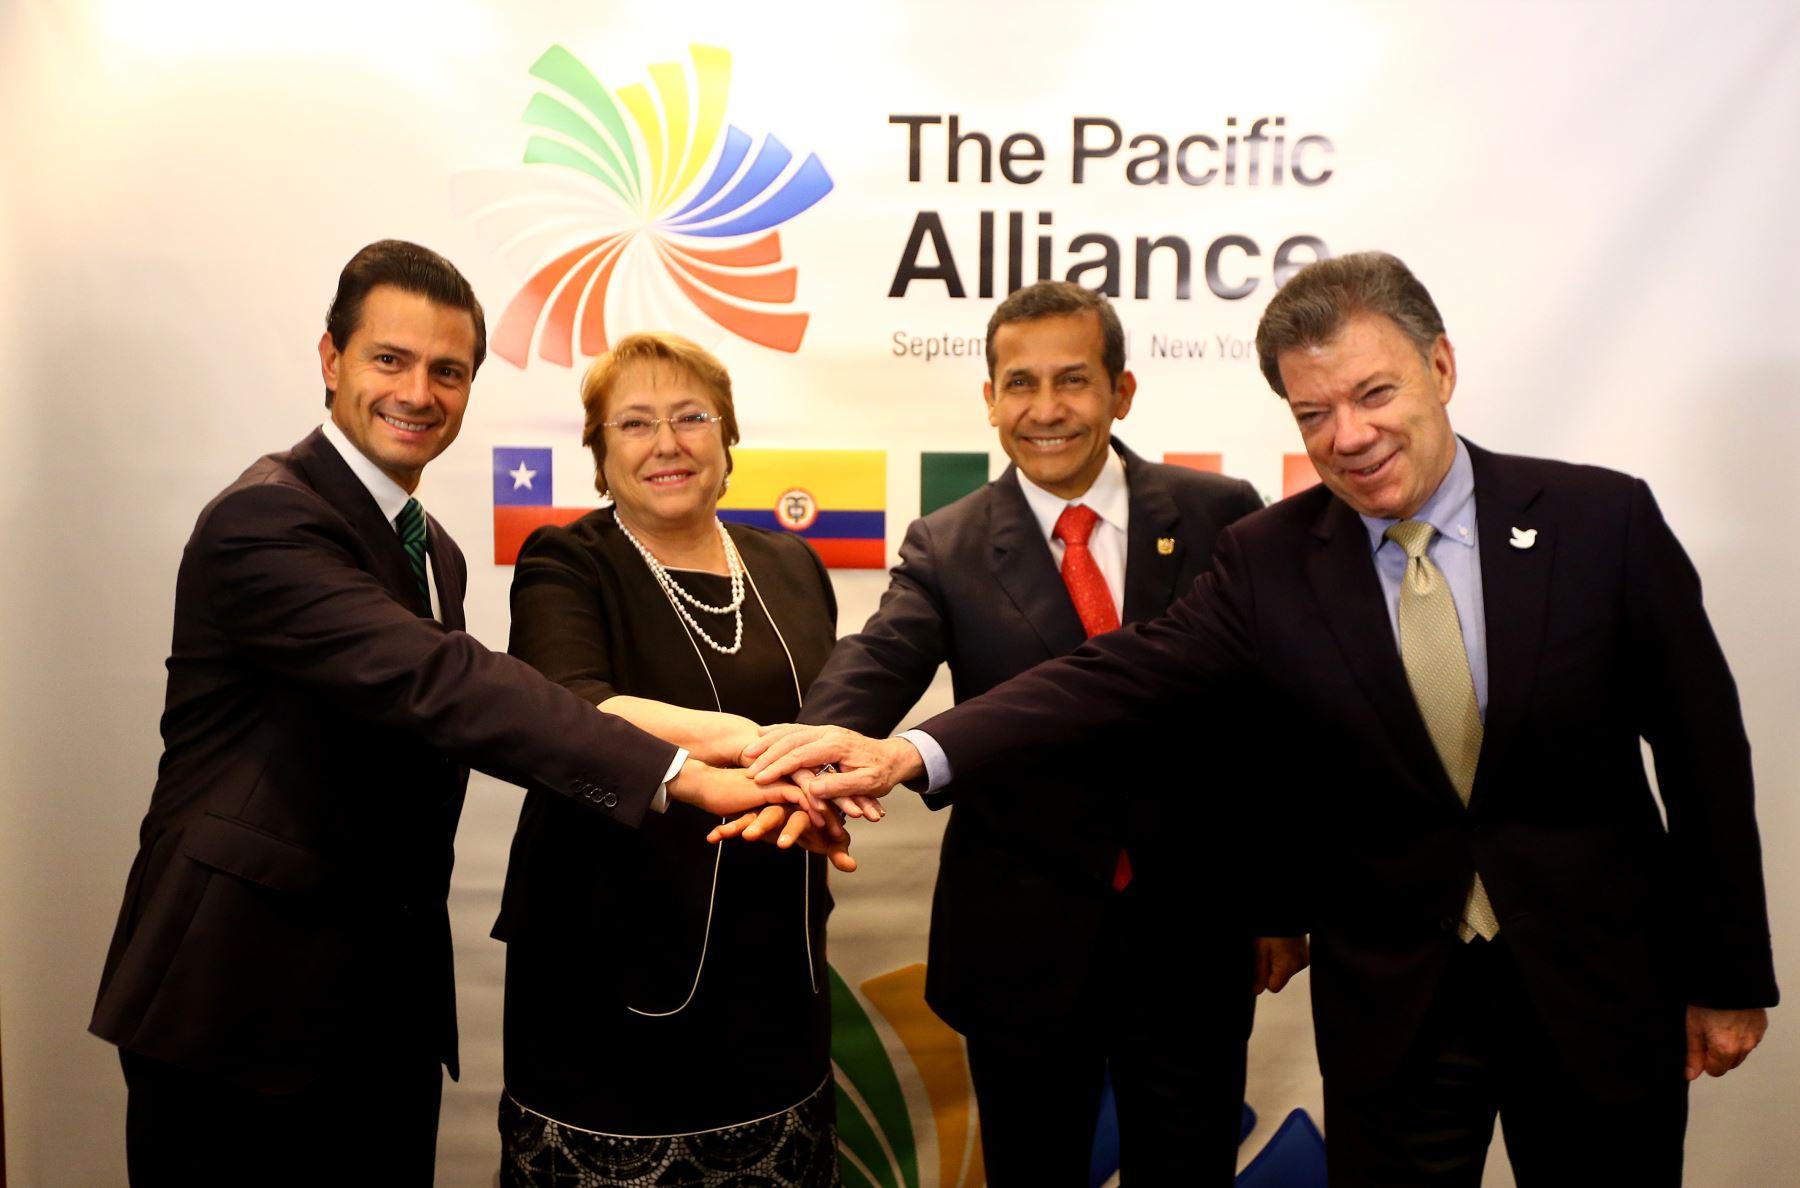 Presidentes de los países miembros de Alianza del Pacífico posan para la foto oficial tras reunirse en la ciudad de Nueva York.